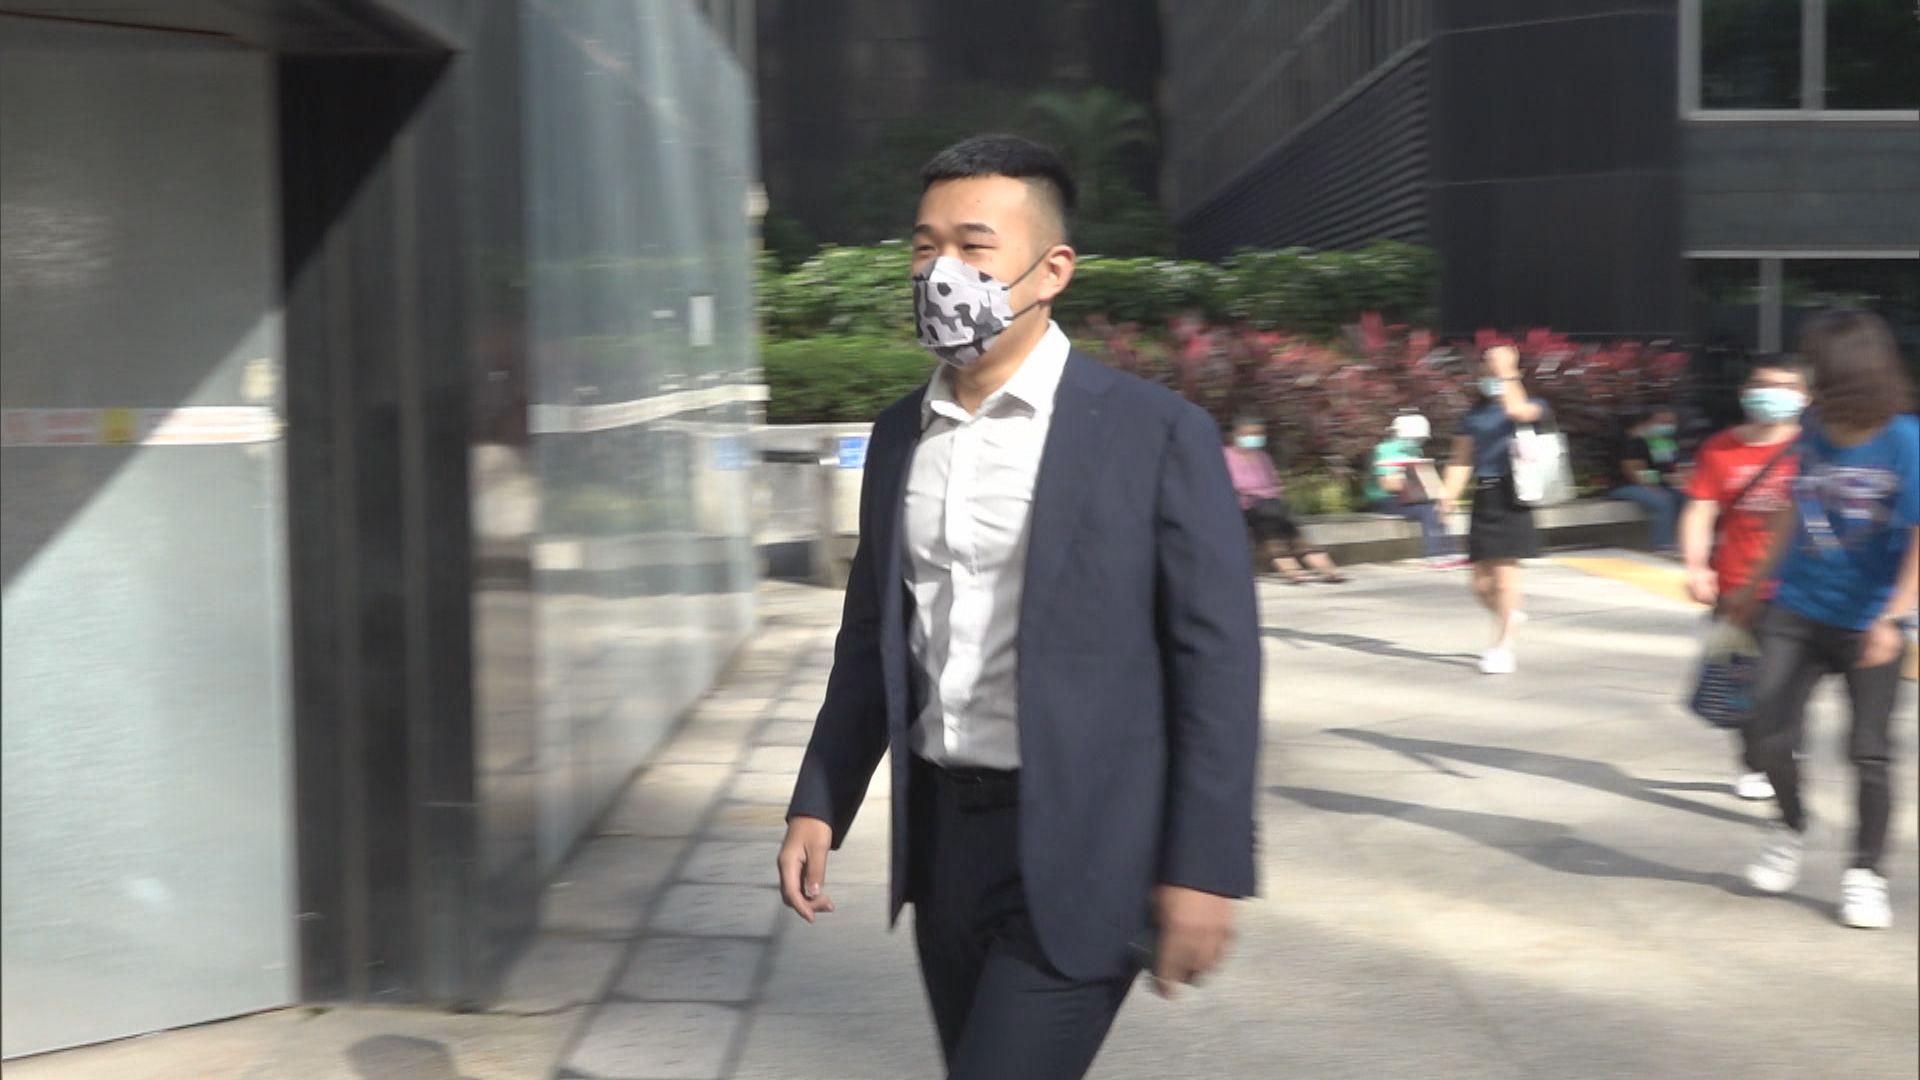 男子涉嫌新城市咬斷警員手指案 預計12日內完成審理